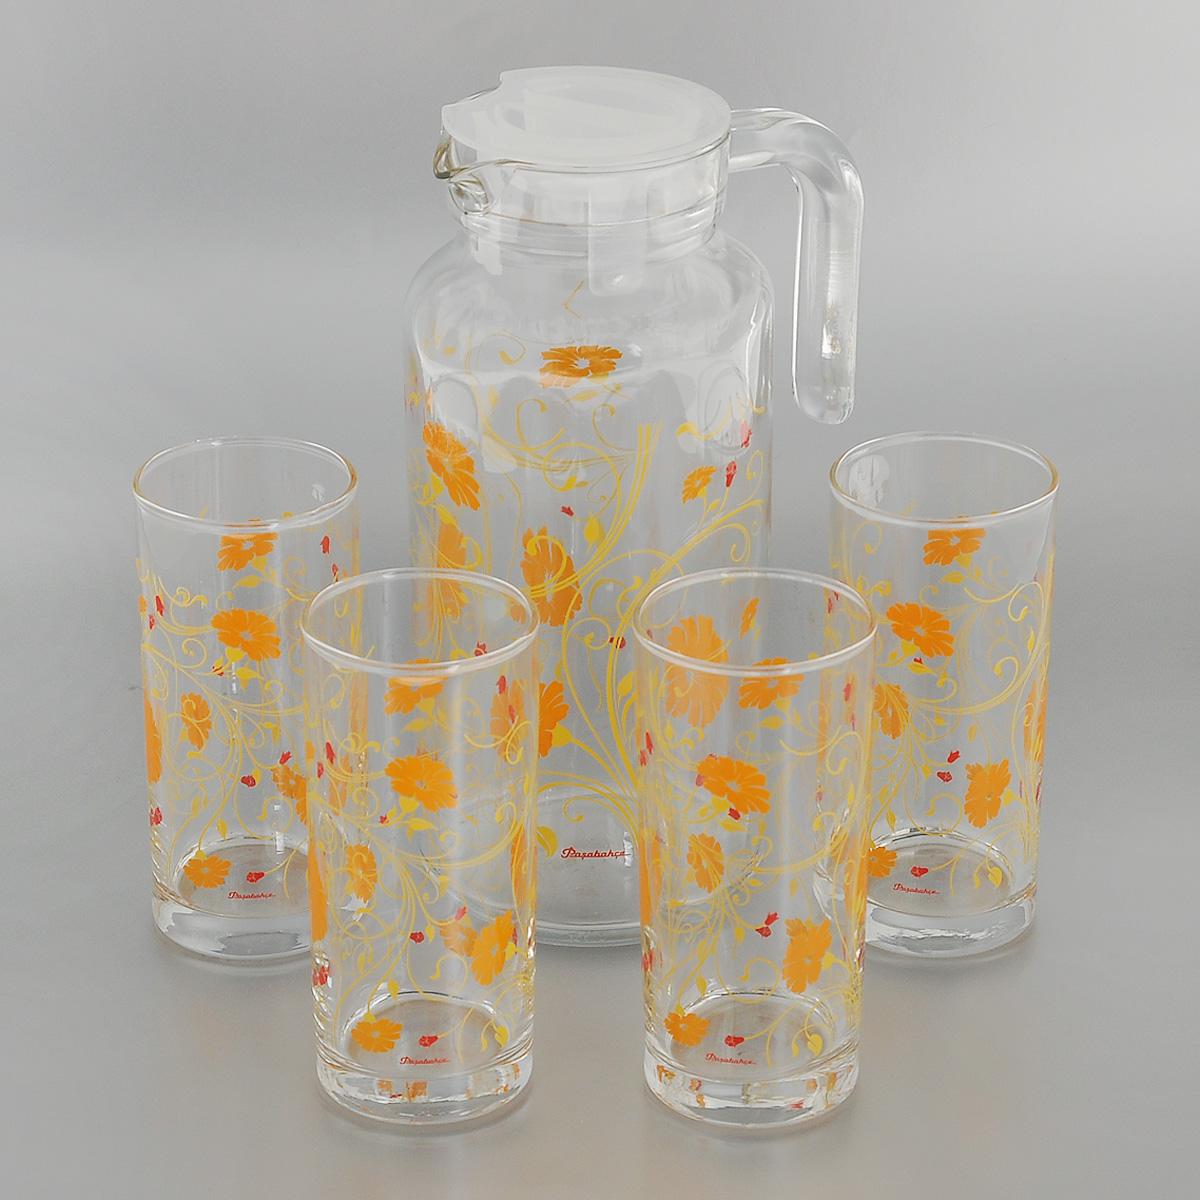 Набор для воды Pasabahce Workshop Serenade, цвет: оранжевый, 5 предметов95895BD1Набор Pasabahce Workshop Serenade состоит из четырех стаканов и кувшина, выполненных из прочного натрий-кальций-силикатного стекла. Предметы набора, декорированные цветочным рисунком, предназначены для воды, сока и других напитков. Кувшин снабжен пластиковой, плотно закрывающейся крышкой. Изделия сочетают в себе элегантный дизайн и функциональность. Благодаря такому набору пить напитки будет еще вкуснее.Набор для воды Pasabahce Workshop Serenade прекрасно оформит праздничный стол и создаст приятную атмосферу. Такой набор также станет хорошим подарком к любому случаю. Можно мыть в посудомоечной машине и использовать в микроволновой печи.Объем кувшина: 1,3 л. Диаметр кувшина (по верхнему краю): 7,5 см. Высота кувшина (без учета крышки): 22,5 см. Объем стакана: 290 мл. Диаметр стакана (по верхнему краю): 5,5 см. Высота стакана: 13 см.